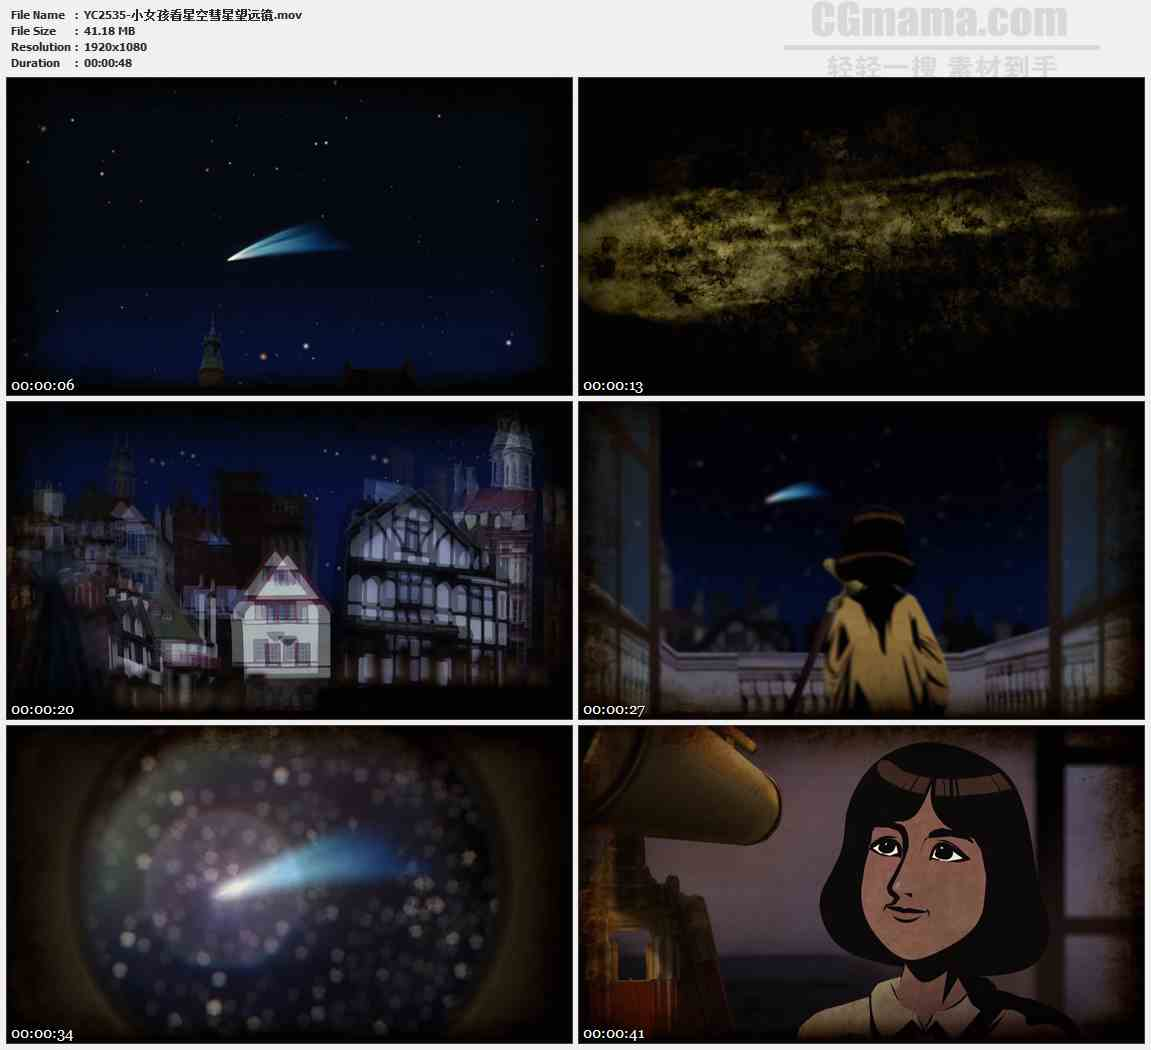 YC2535-小女孩看星空彗星望远镜高清视频素材